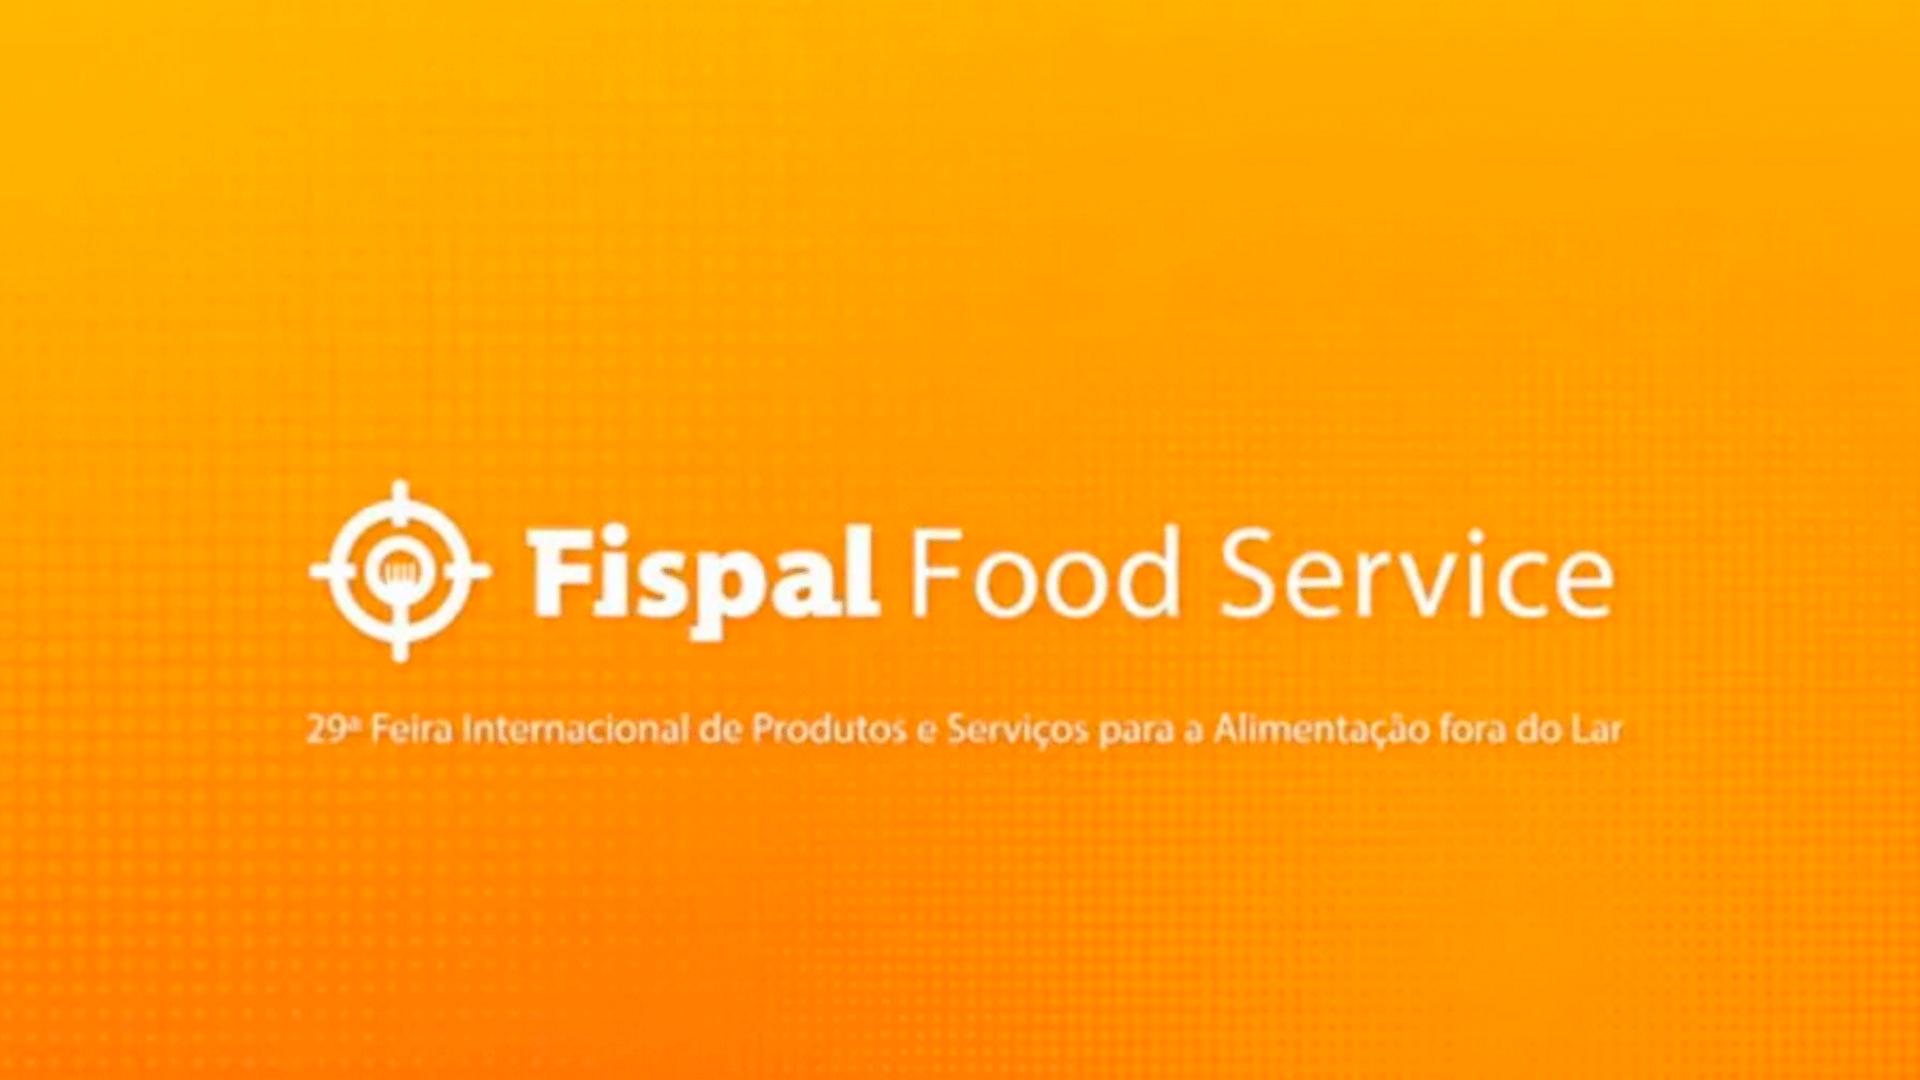 Fispal 2013